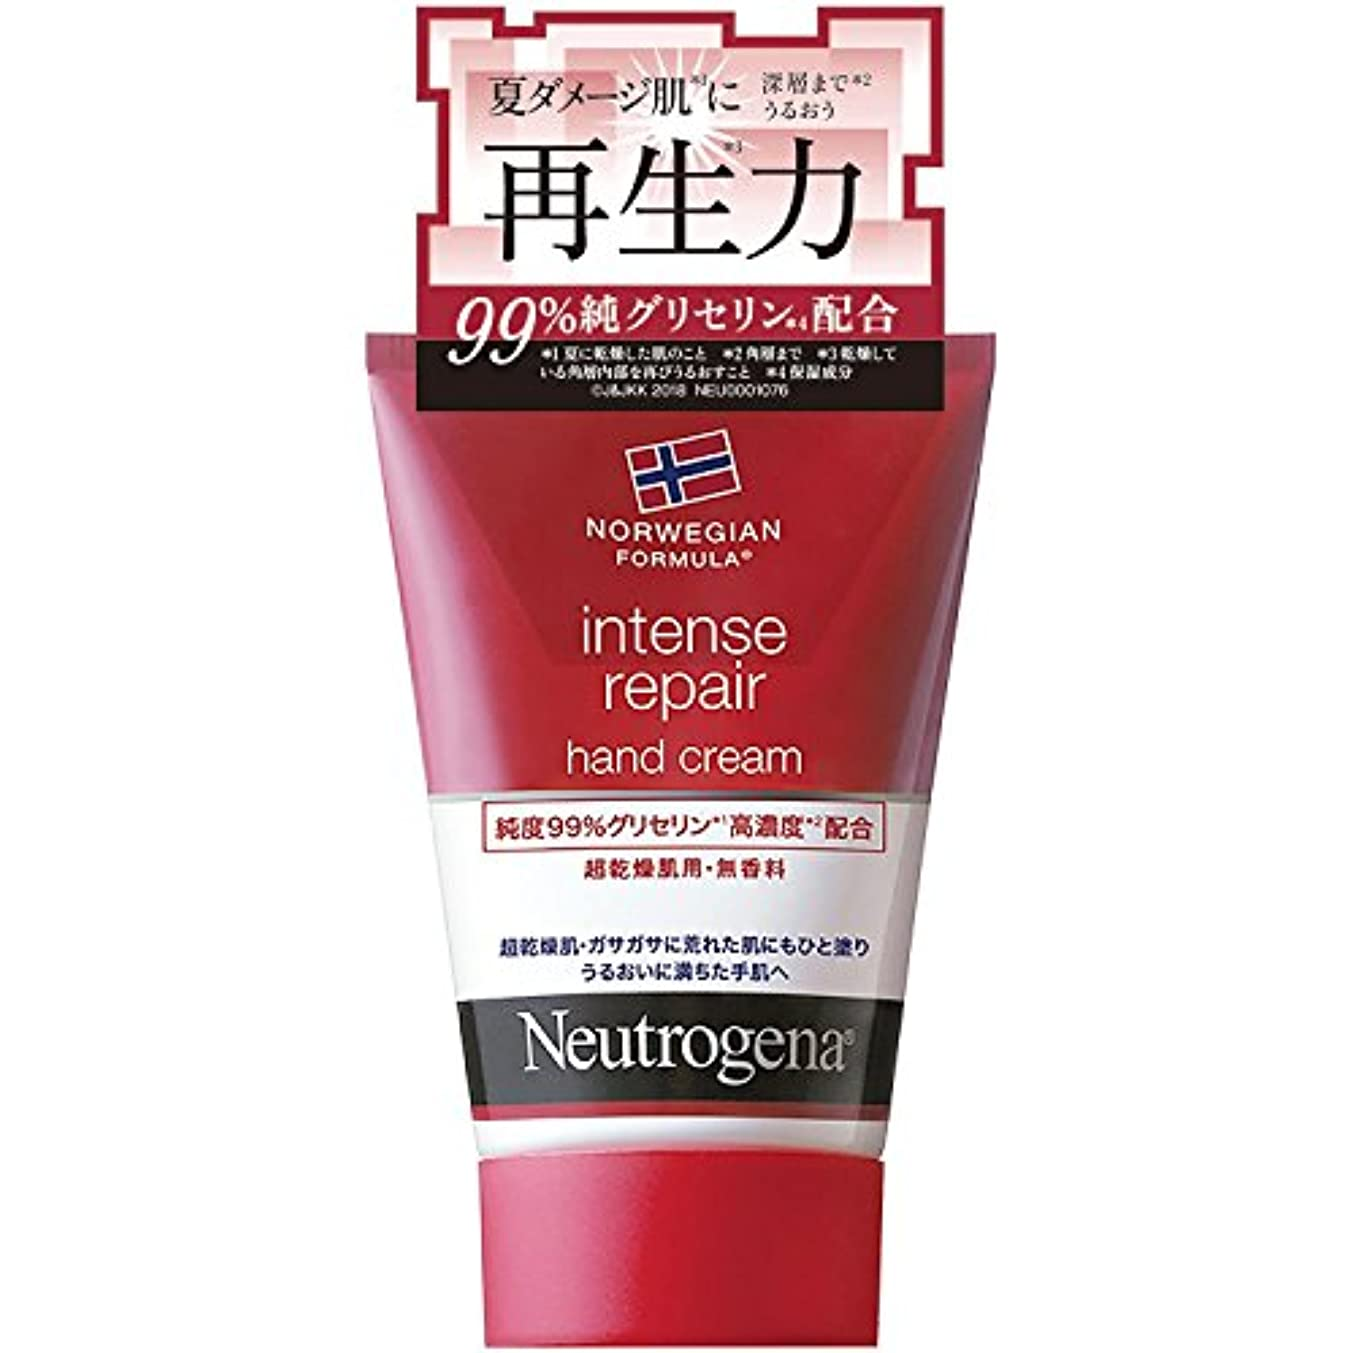 ピンクヒロイック抗議Neutrogena(ニュートロジーナ) ノルウェーフォーミュラ インテンスリペア ハンドクリーム 超乾燥肌用 無香料 単品 50g